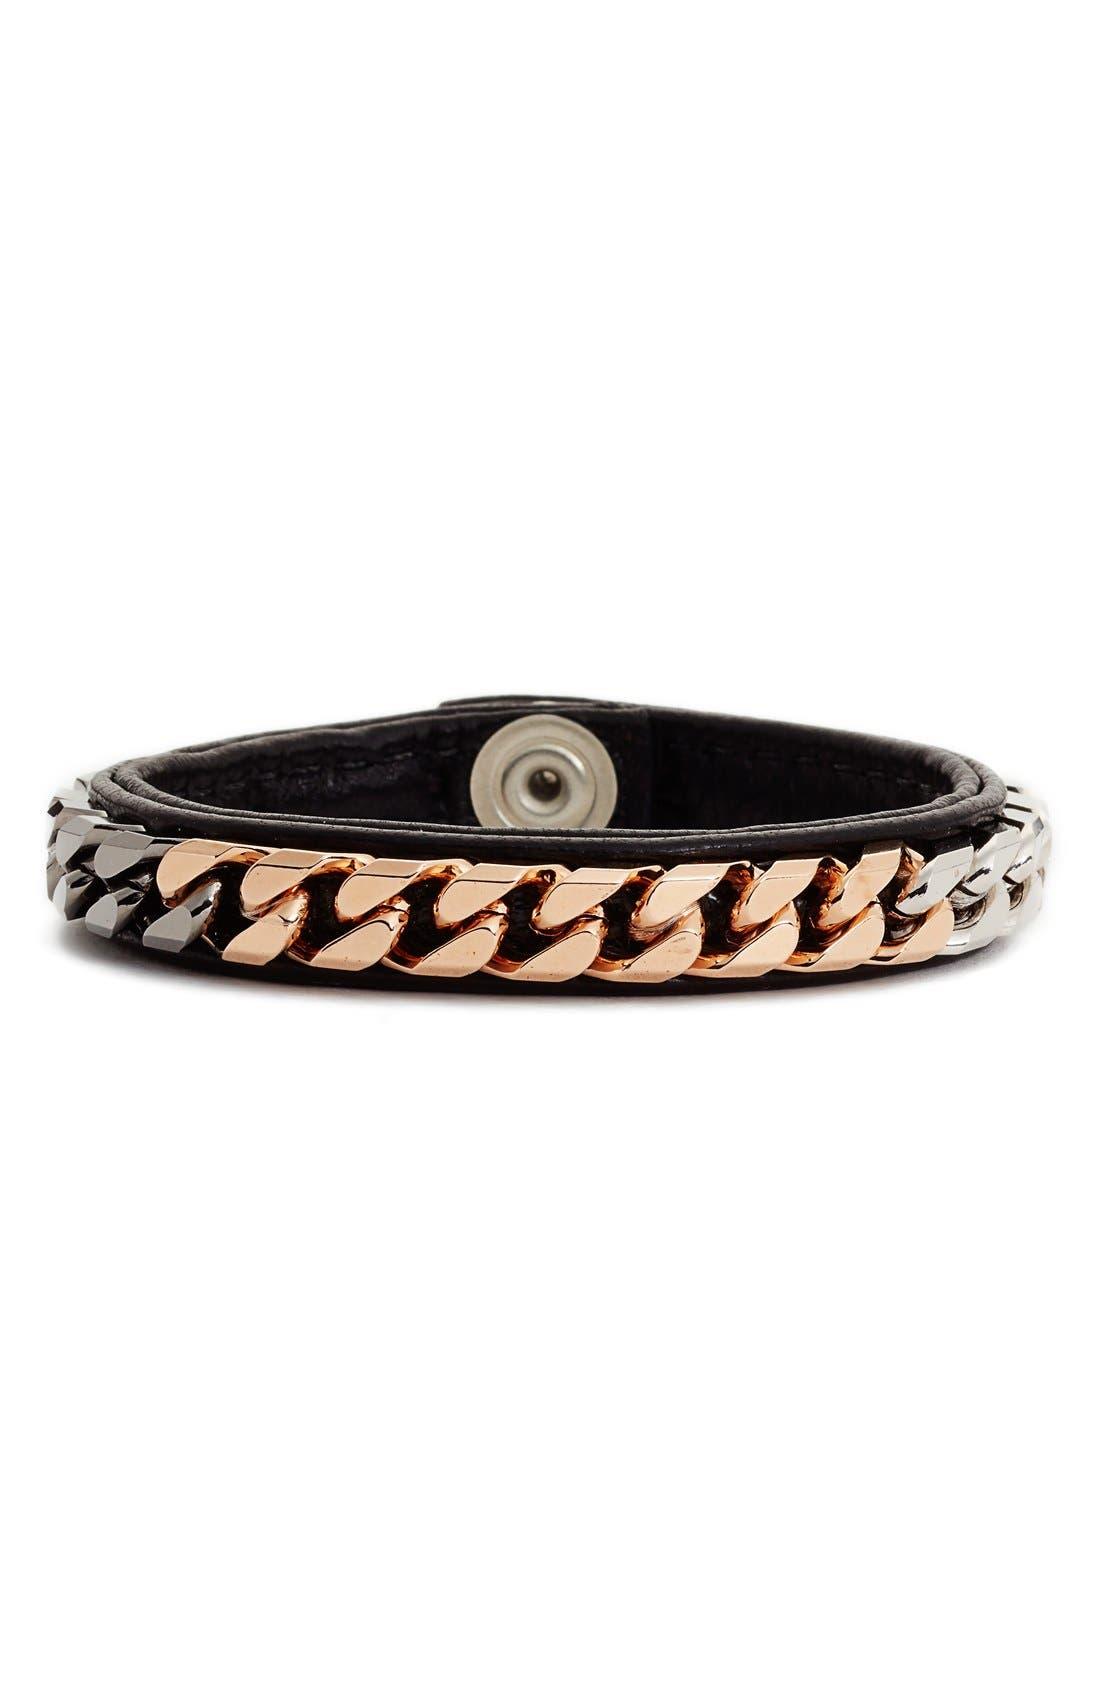 Monaco Wrap Bracelet,                             Main thumbnail 1, color,                             001